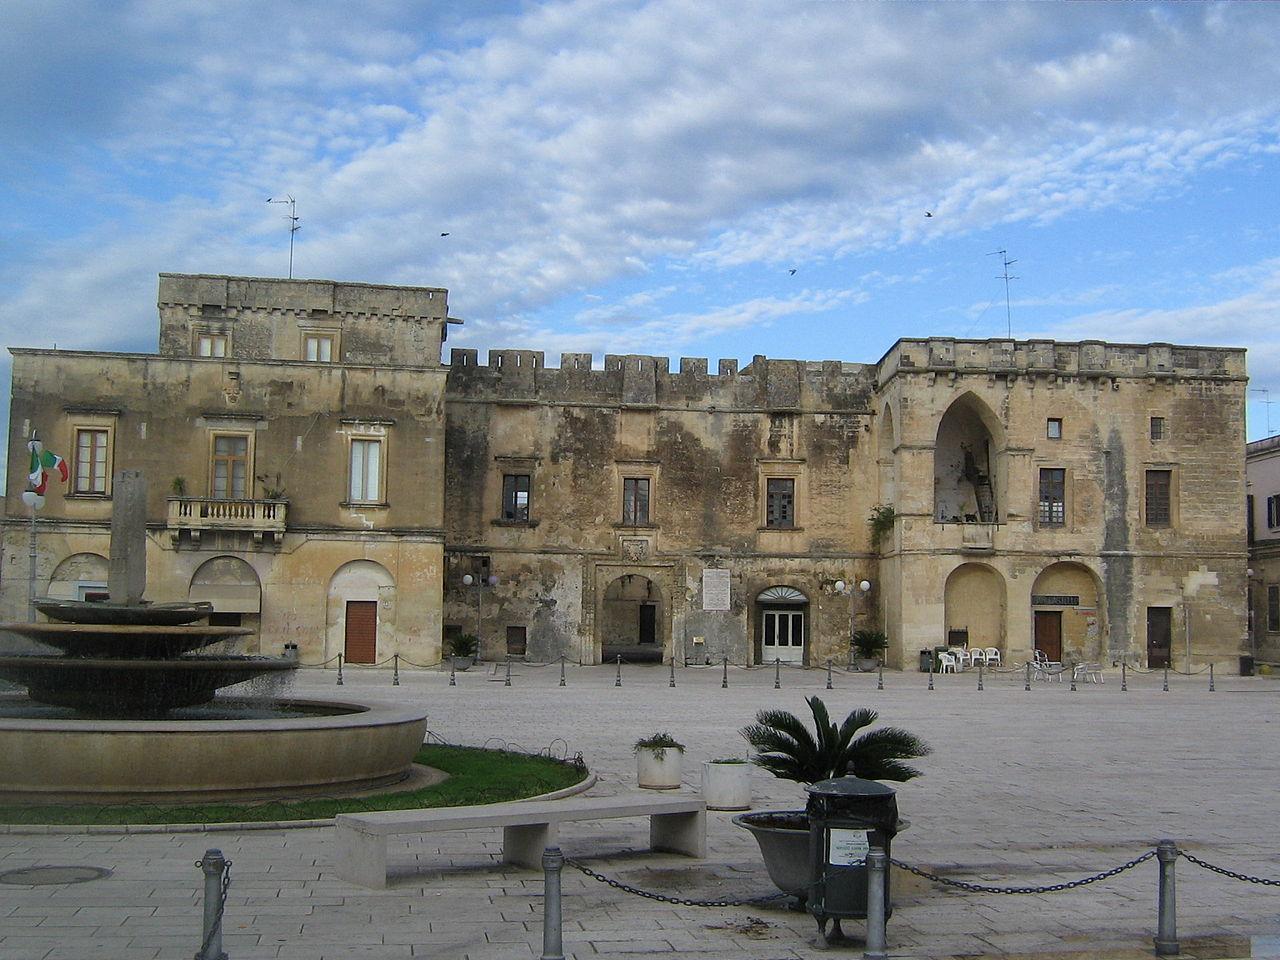 1280px-Castello_Castromediano_Cavallino